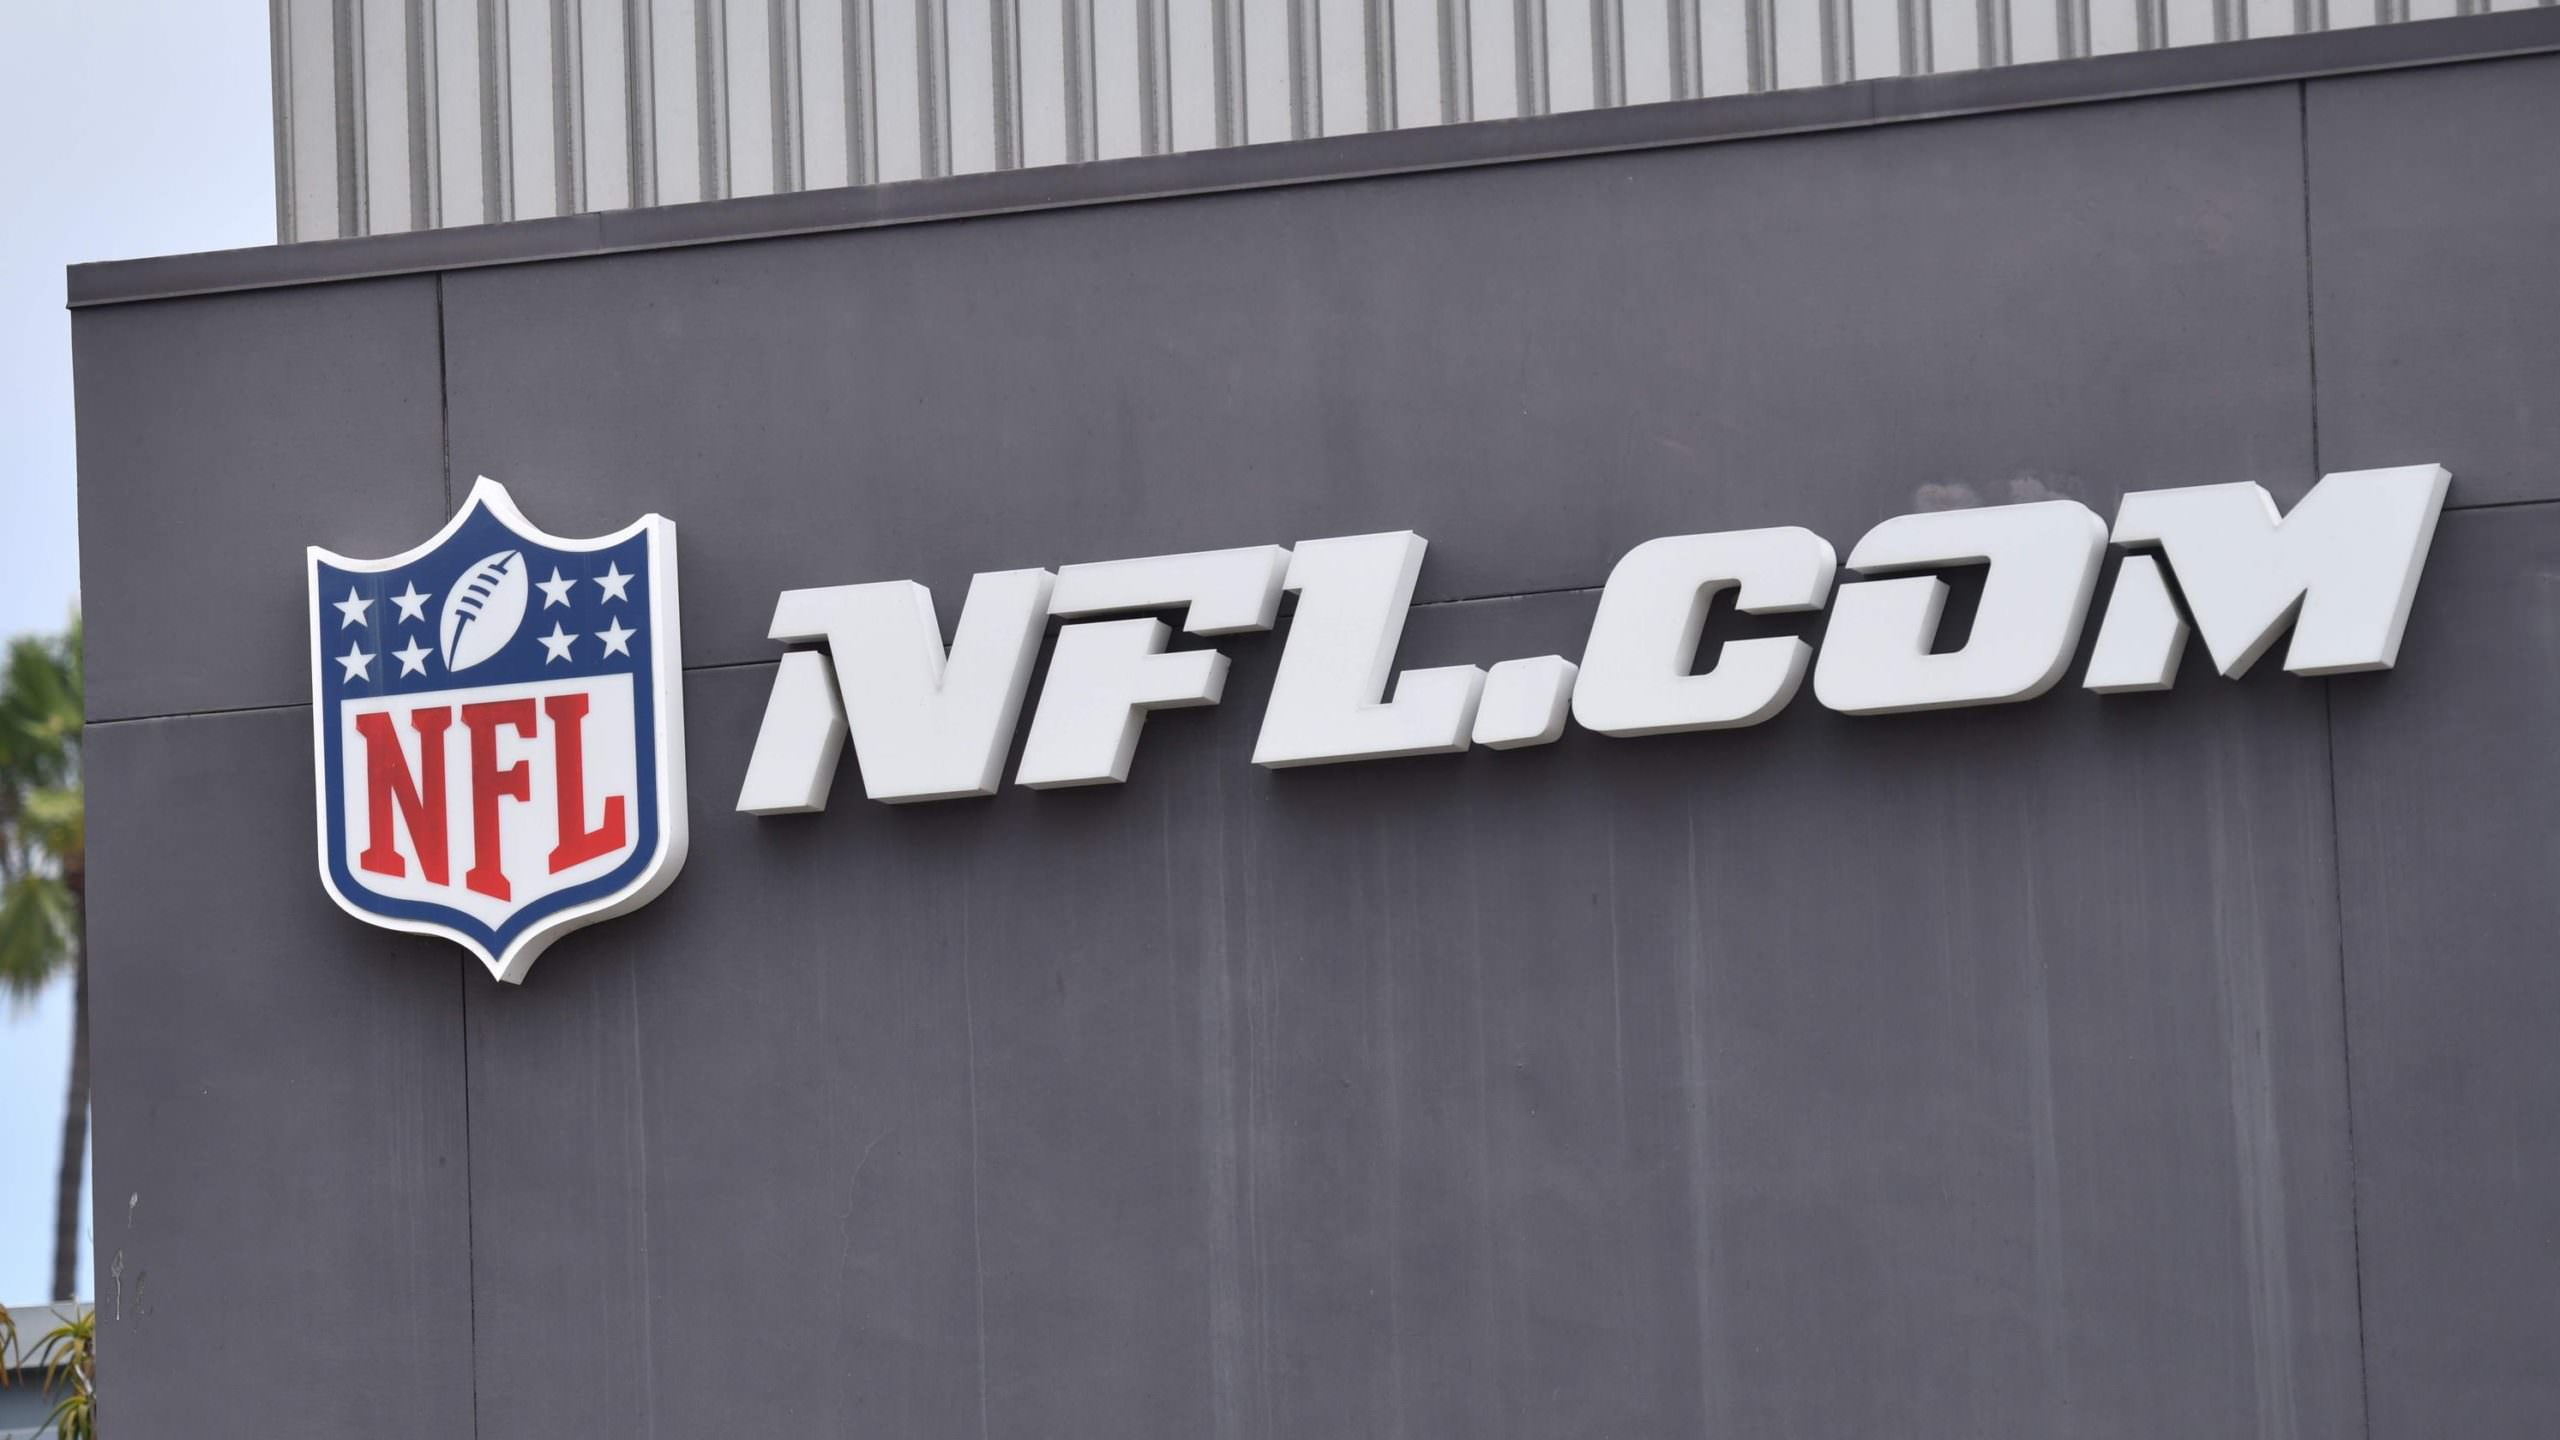 Rede NFL retirando o insider Ian Rapoport do ar por duas semanas por meio de postagem nas redes sociais